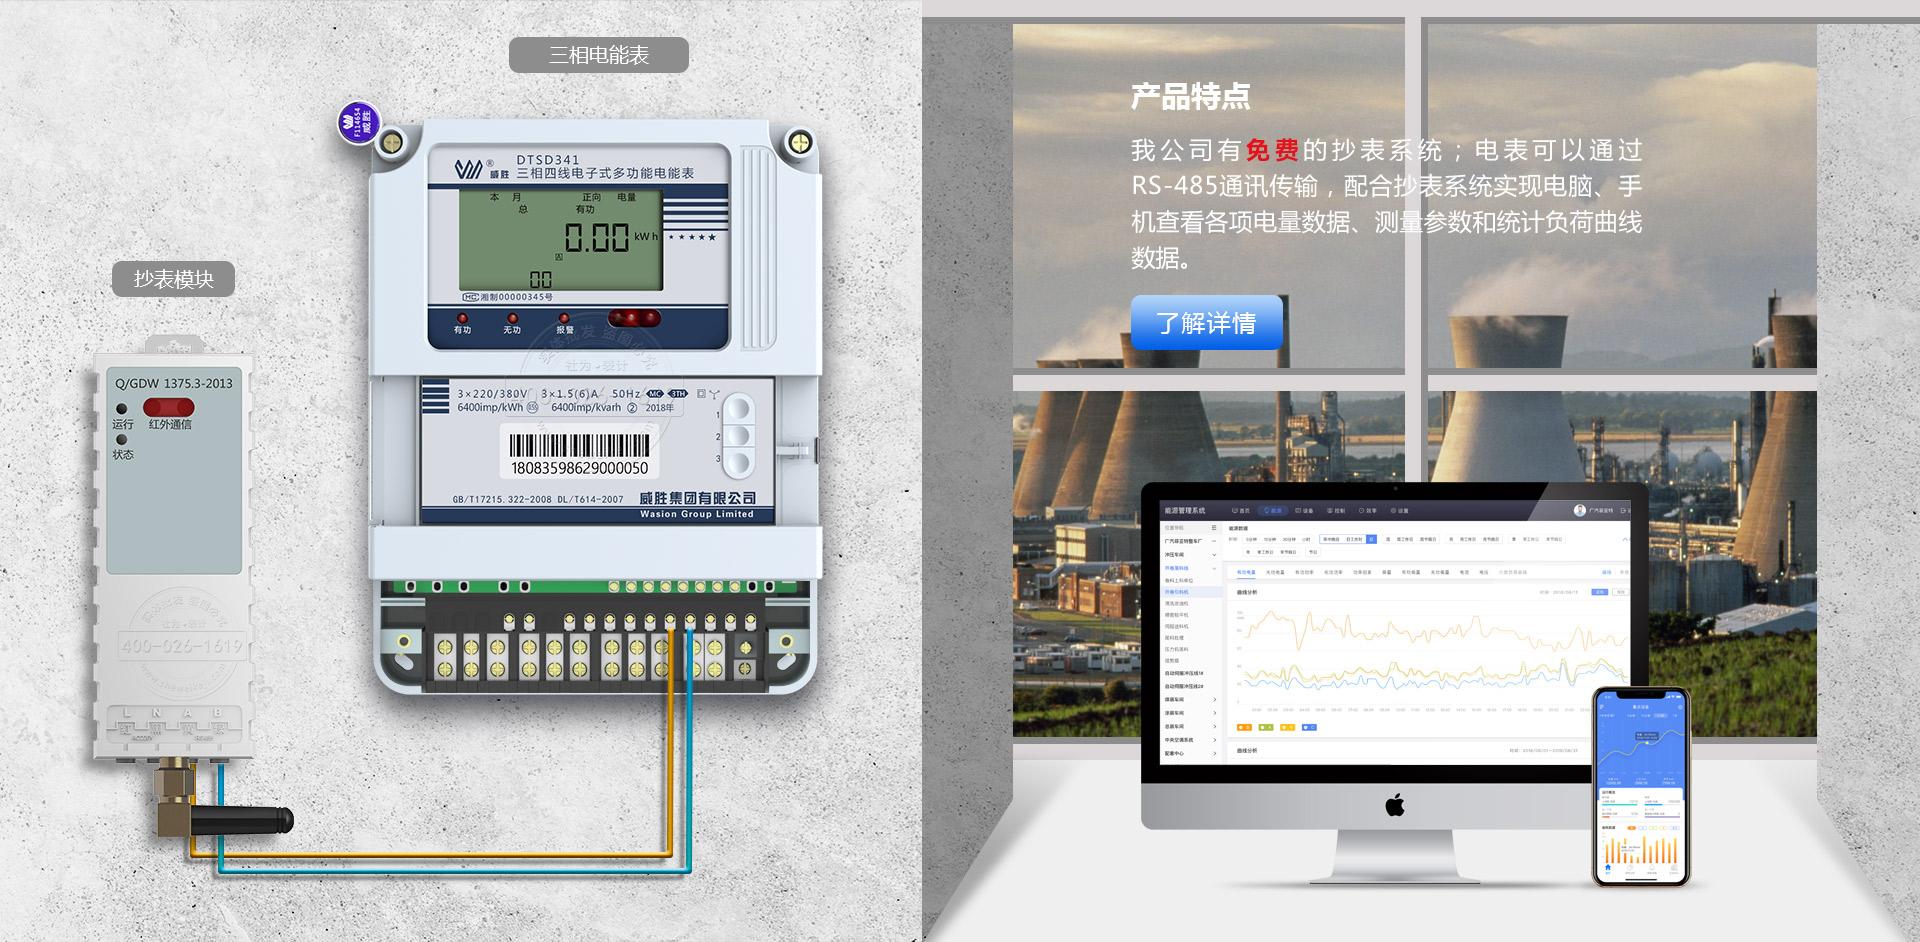 威胜DTSD341-MC3产品特点图